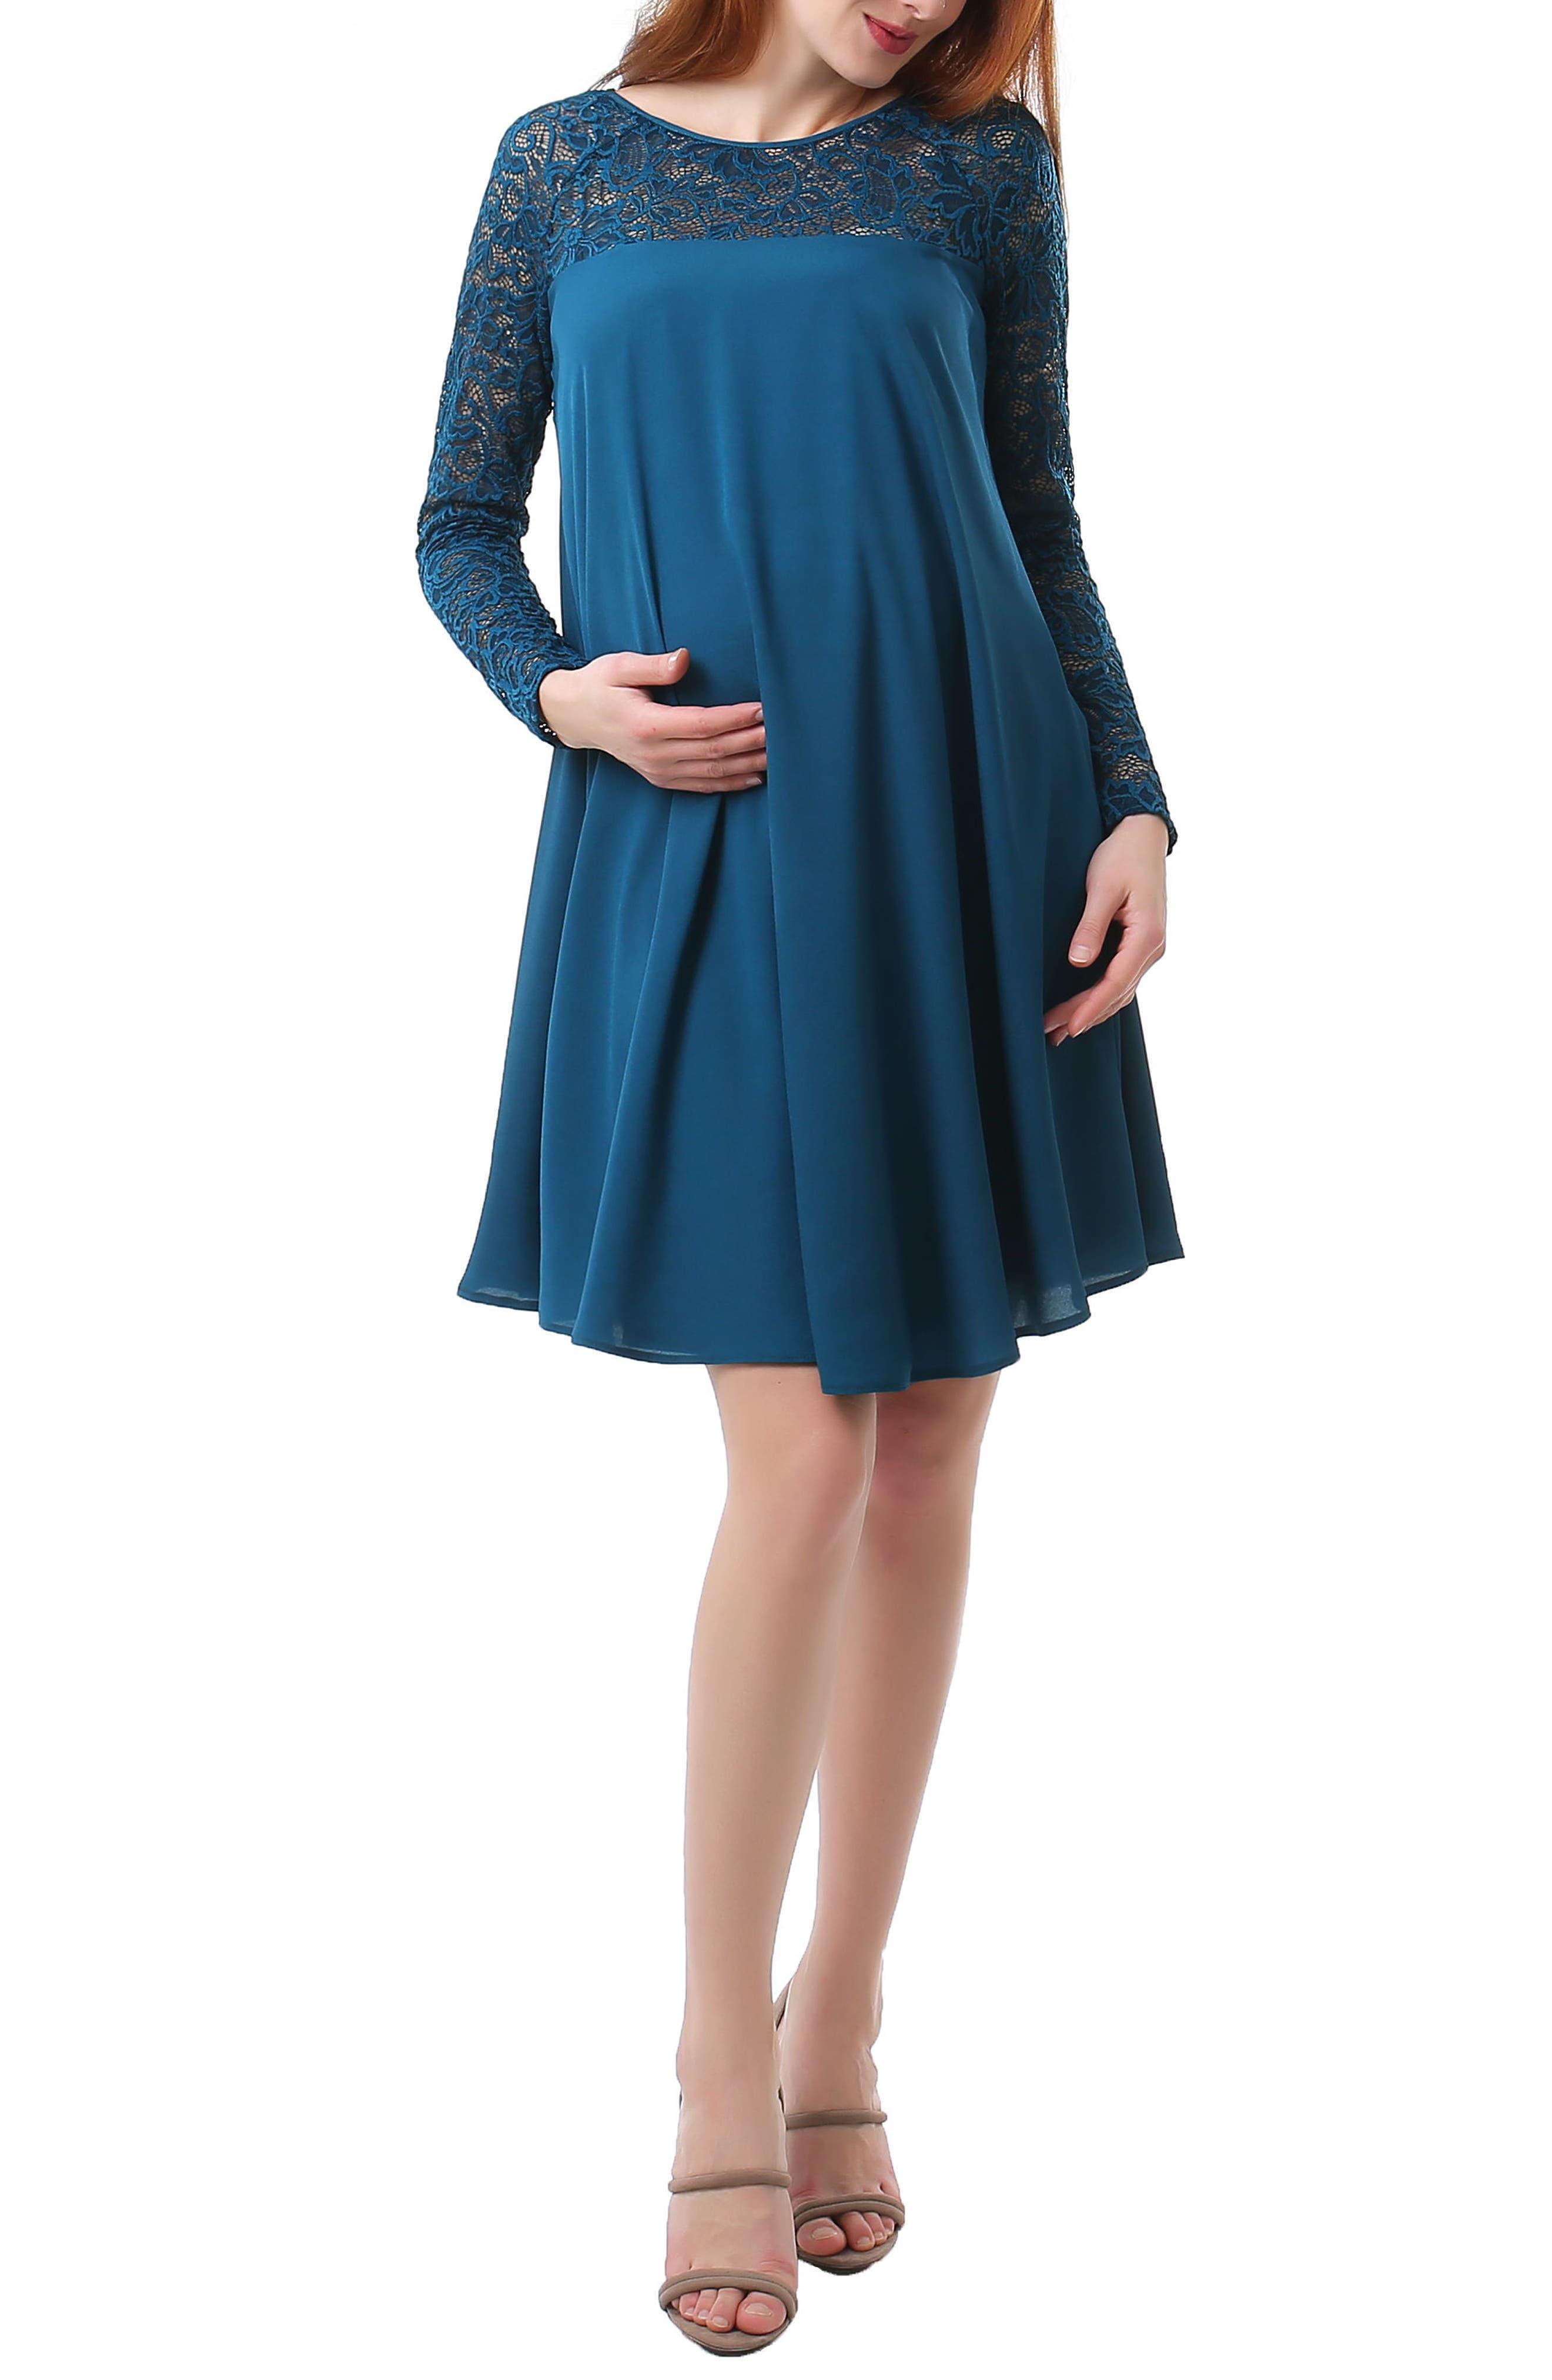 KIMI AND KAI Elle Lace Trim Maternity Dress